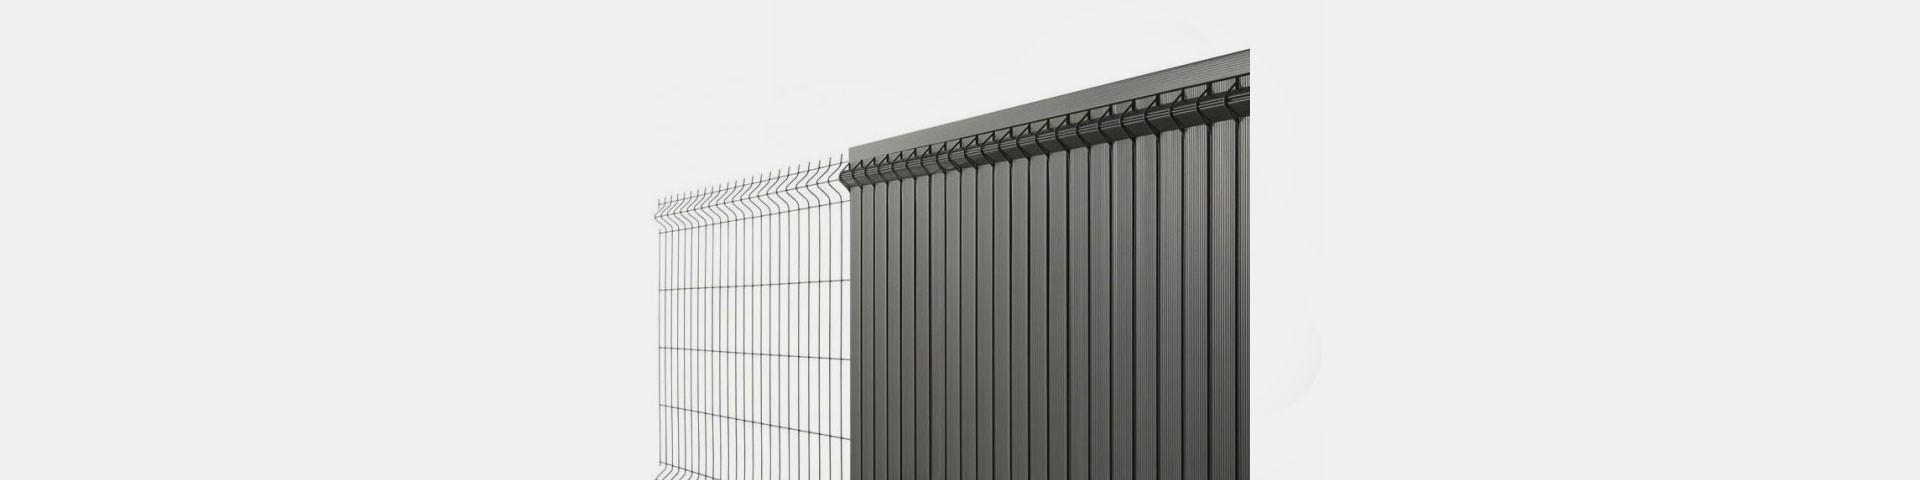 Achat De Lame d'occultation PVC rigide en KIT Pour Clôtures